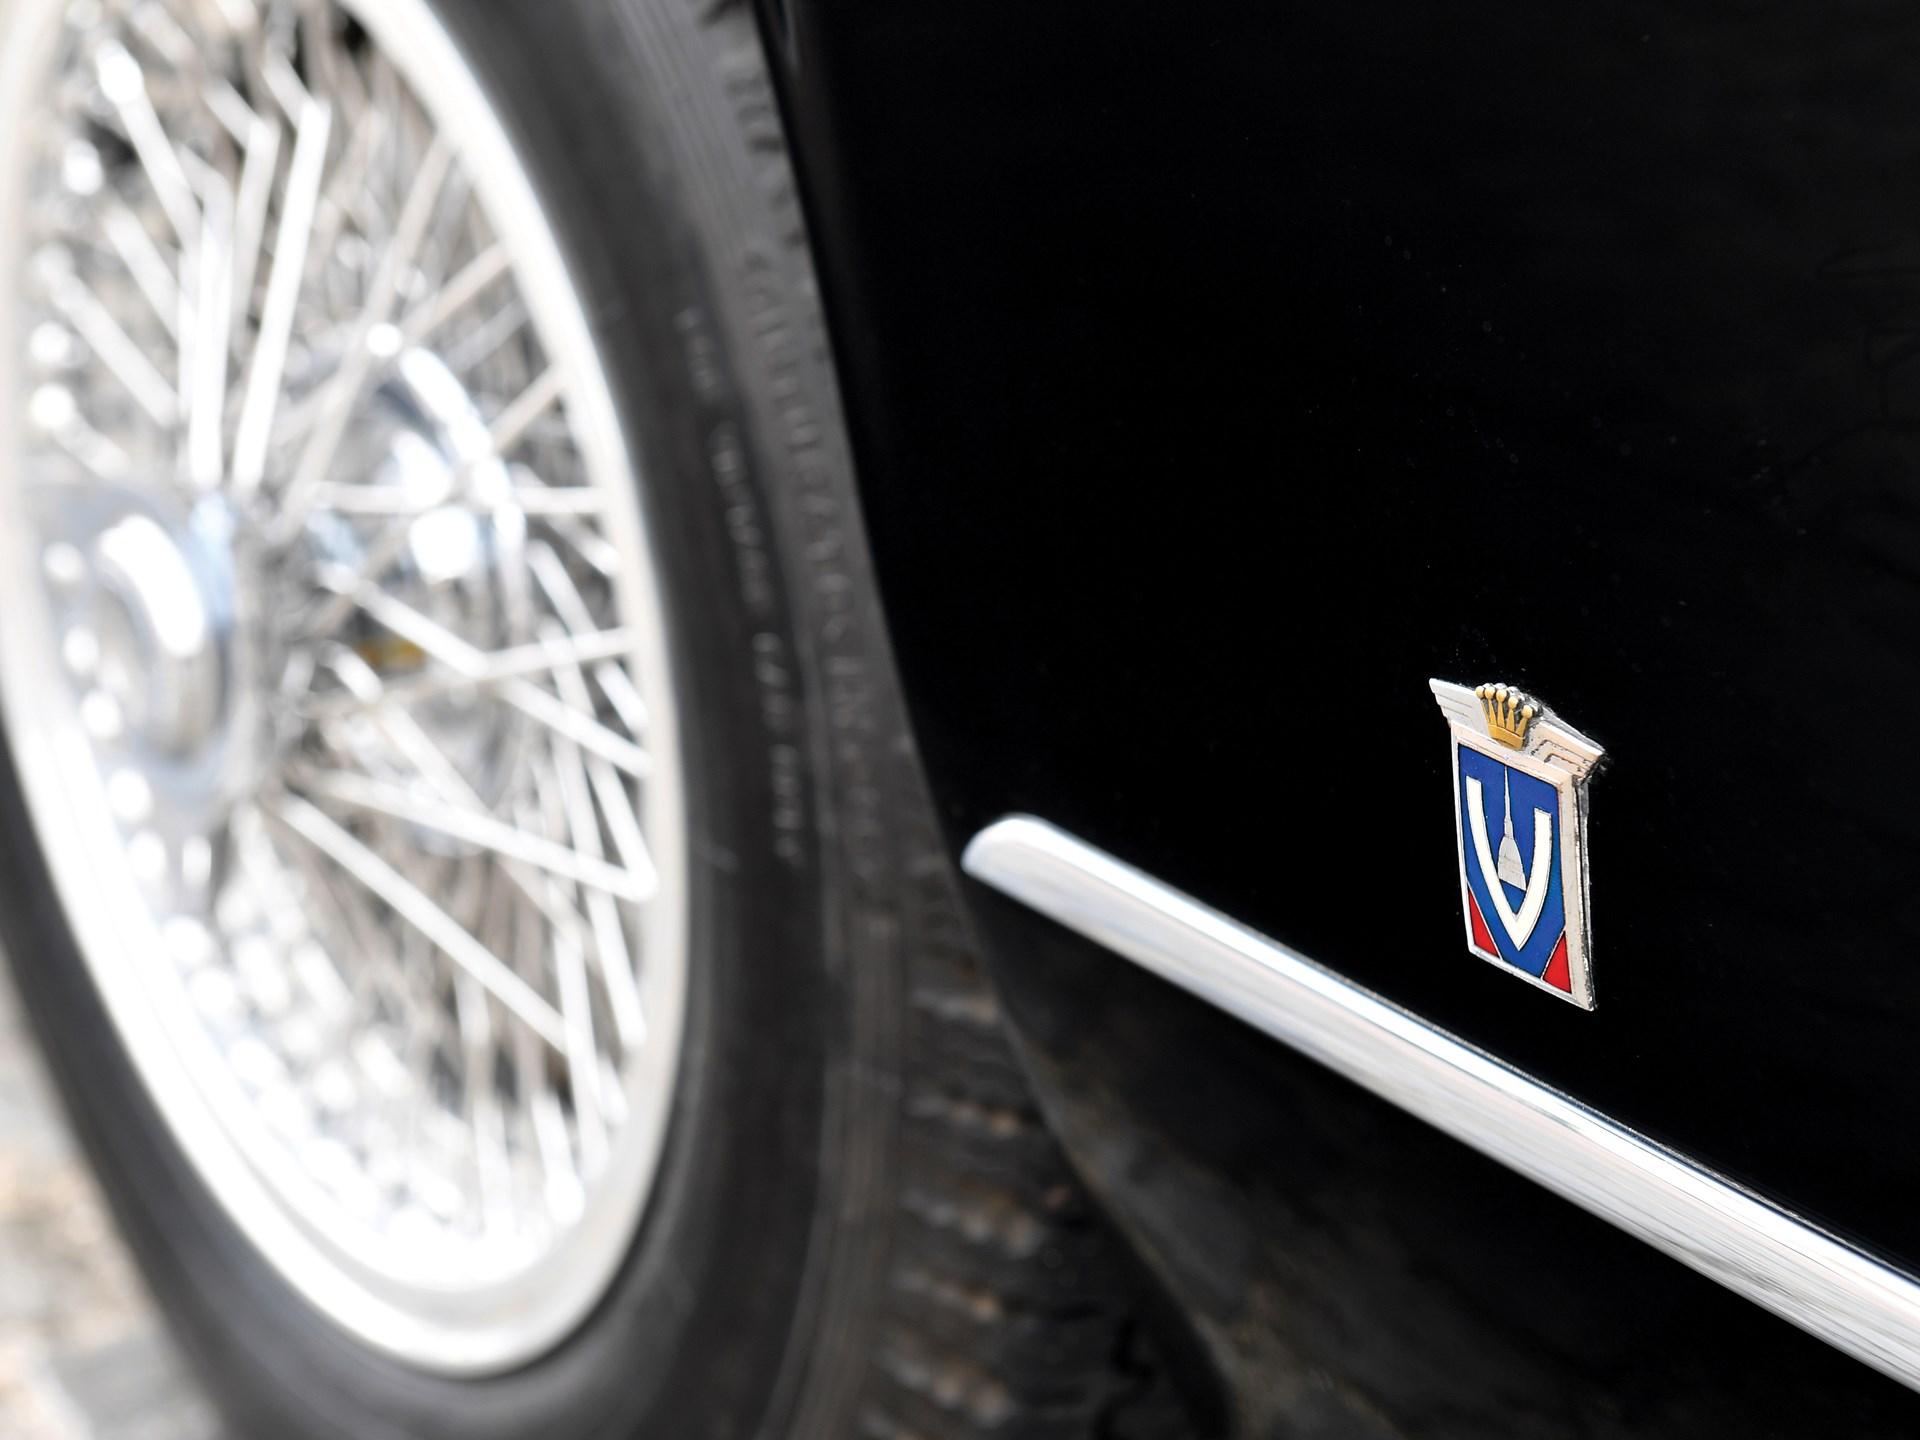 1961 Maserati 3500 GT Spyder by Vignale